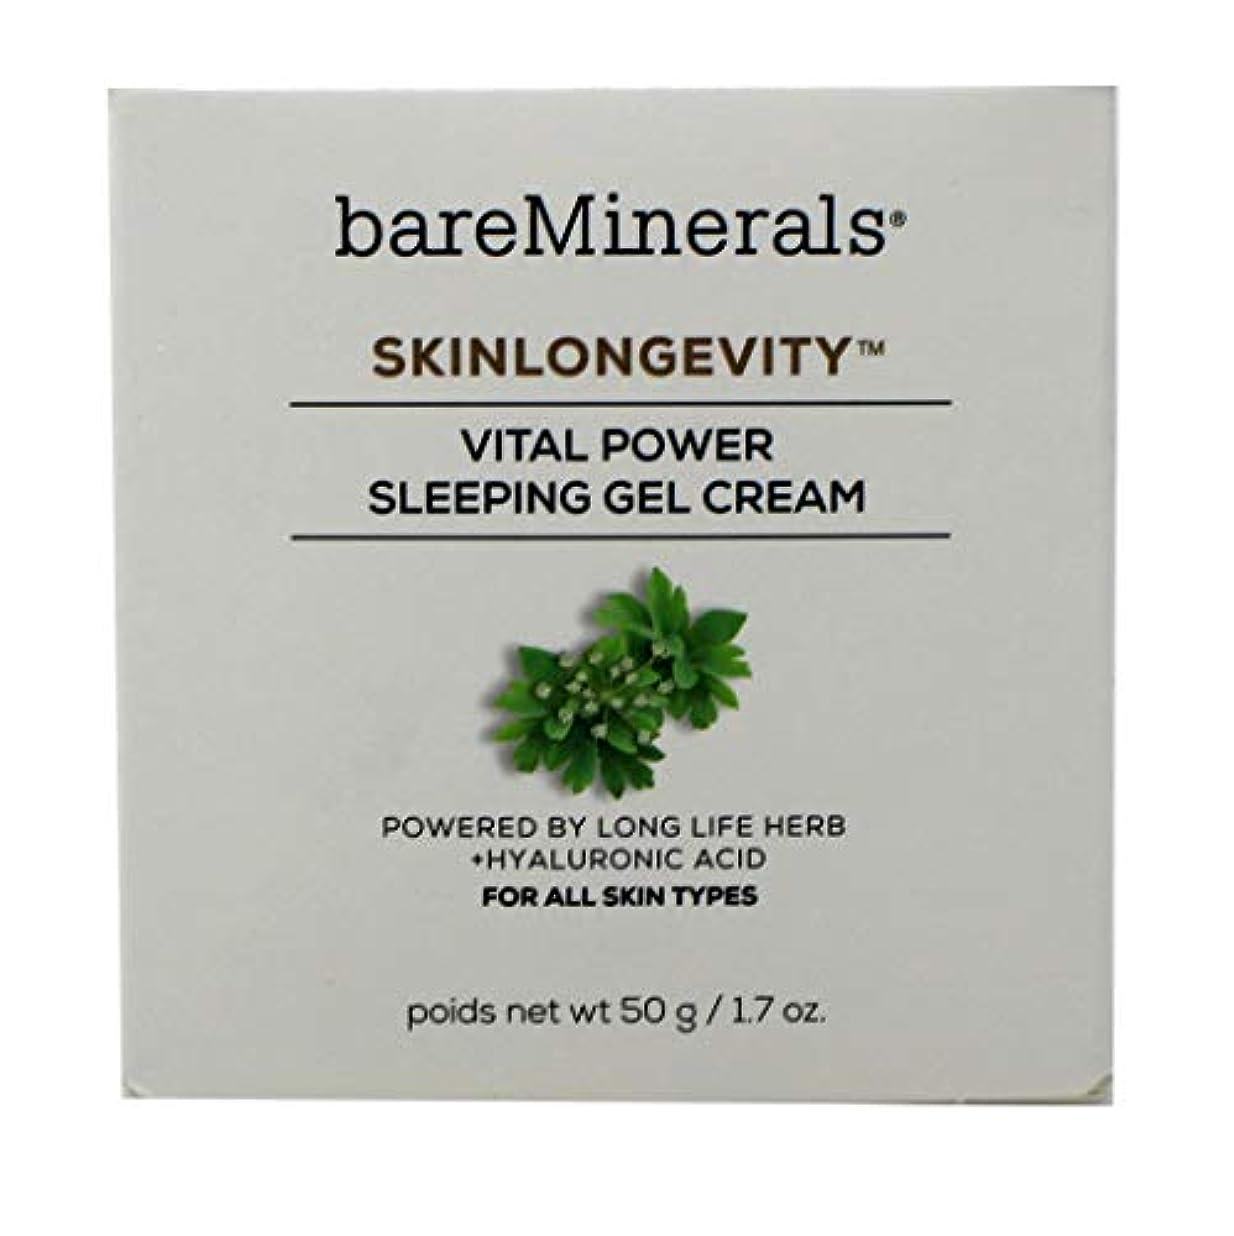 コーナーお酢緑ベアミネラル Skinlongevity Vital Power Sleeping Gel Cream 50g/1.7oz並行輸入品